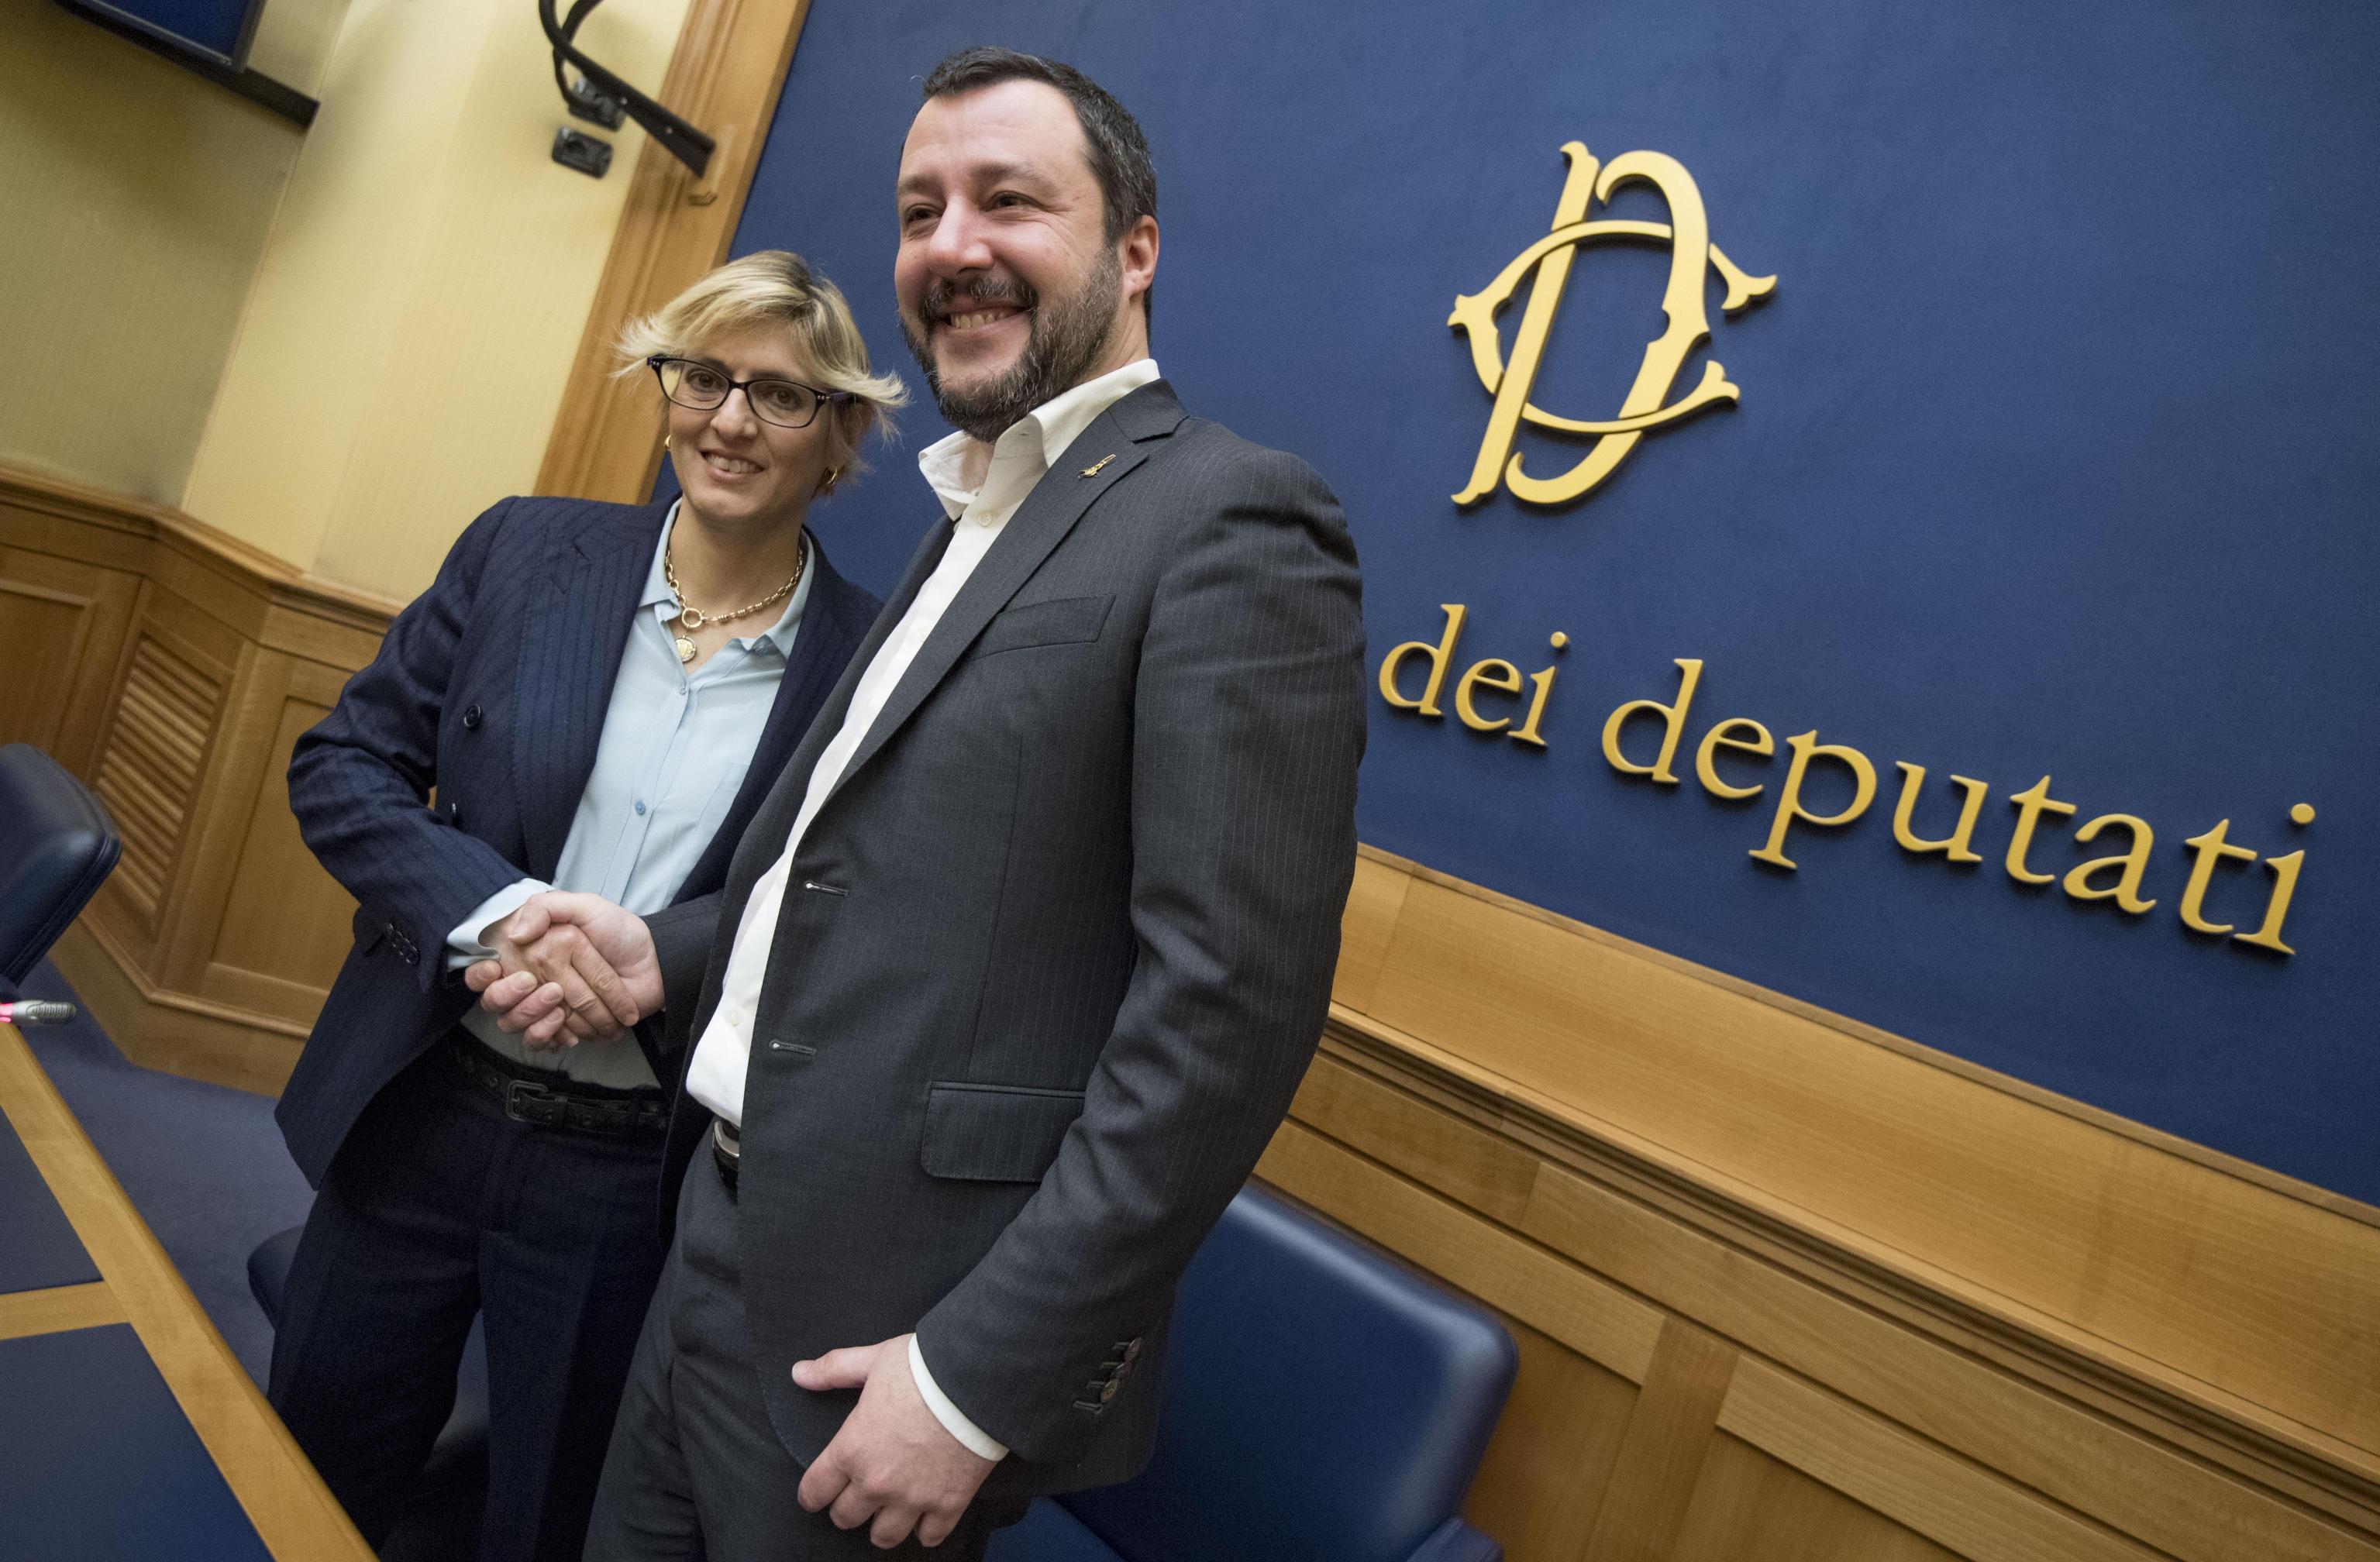 Elezioni 2018, Salvini candida l'avvocato Giulia Bongiorno